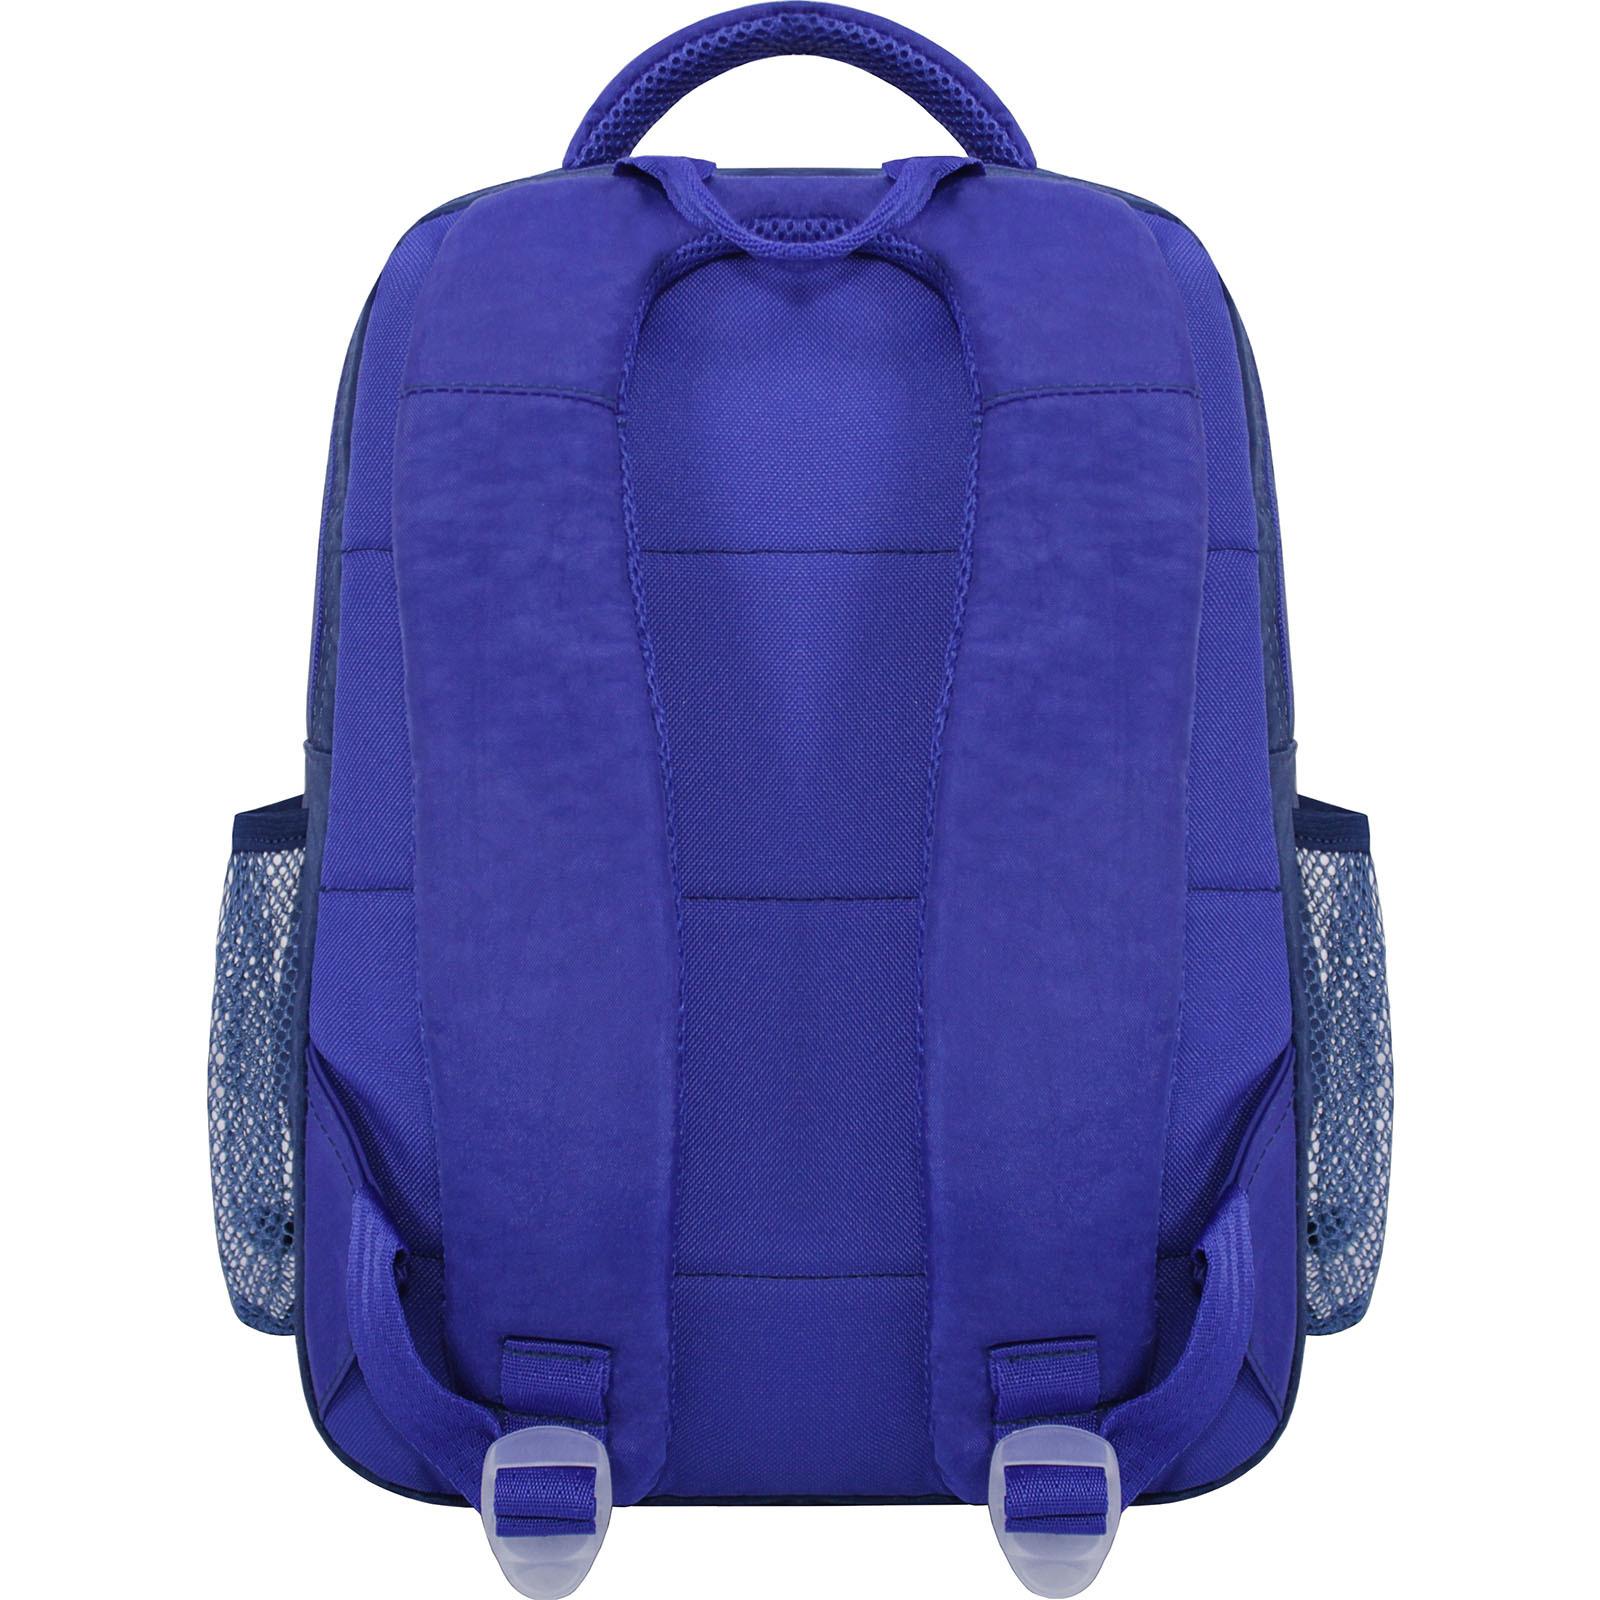 Рюкзак школьный Bagland Школьник 8 л. 225 синий 551 (00112702) фото 3